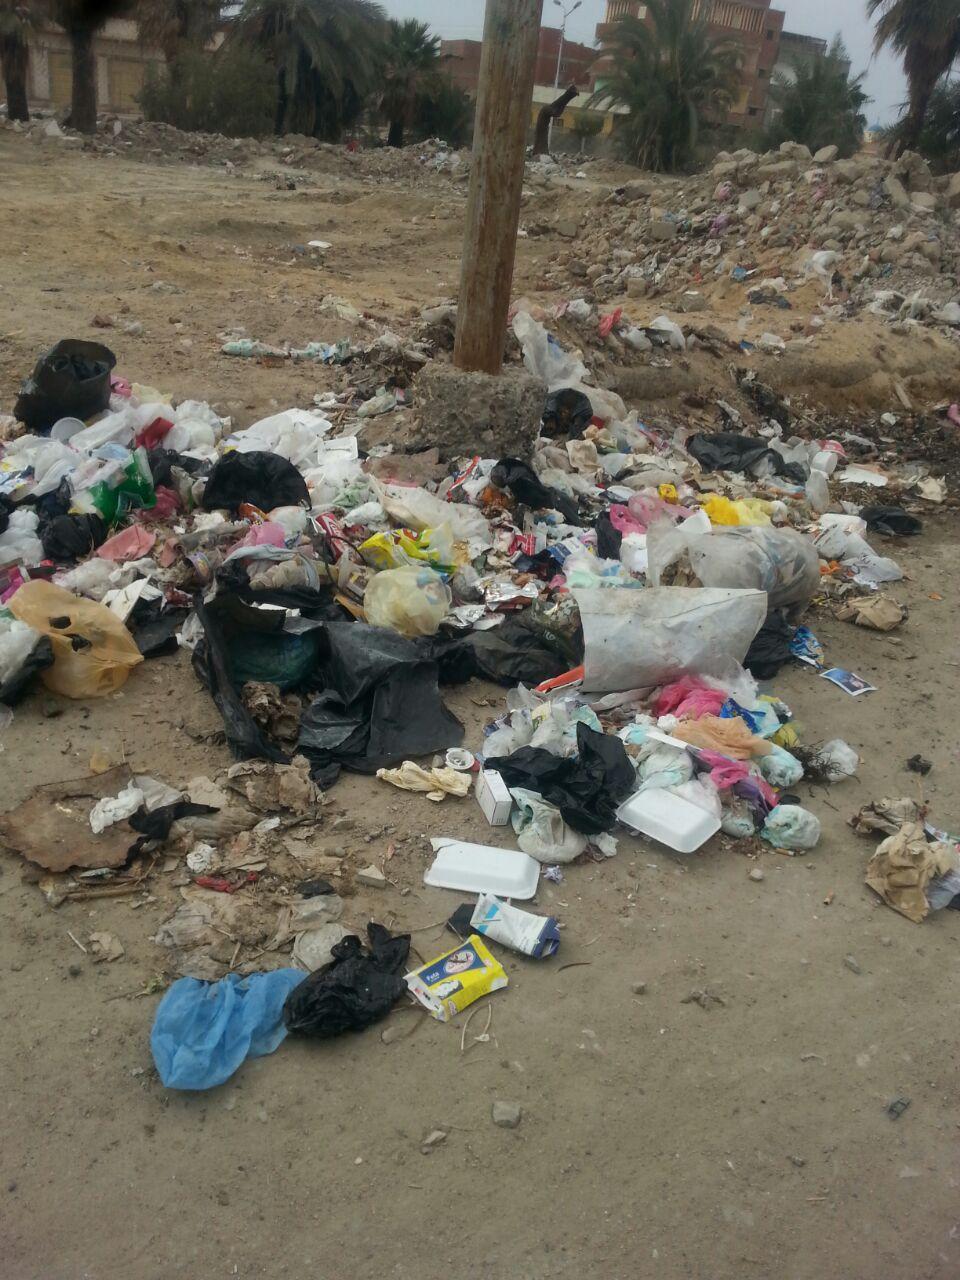 صور| سكان القنطرة شرق: المدينة تعاني تدني الخدمات.. والمسؤولين «في مية البطيخ»